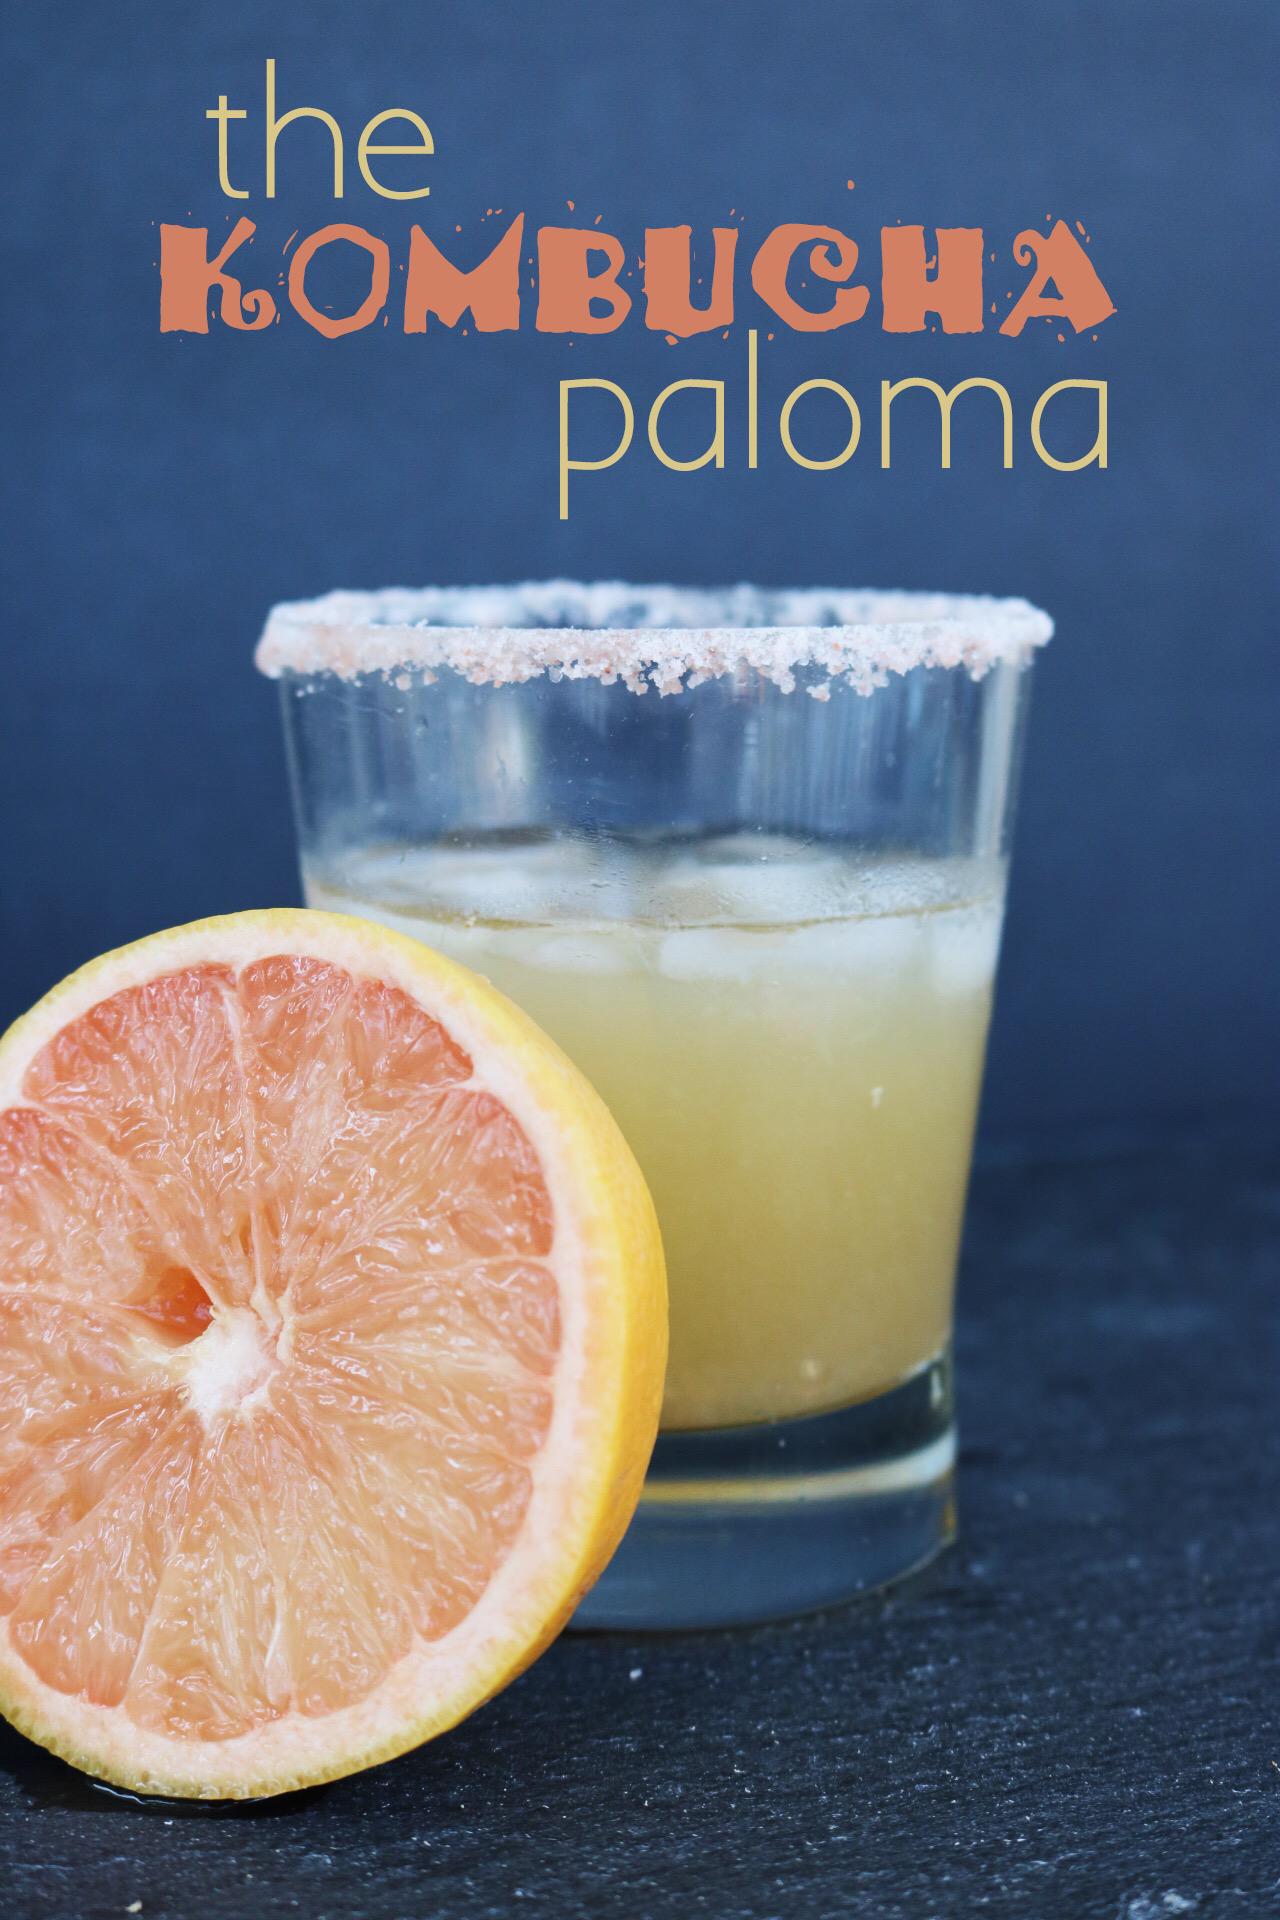 grapefruit-title-kombucha-paloma.jpg